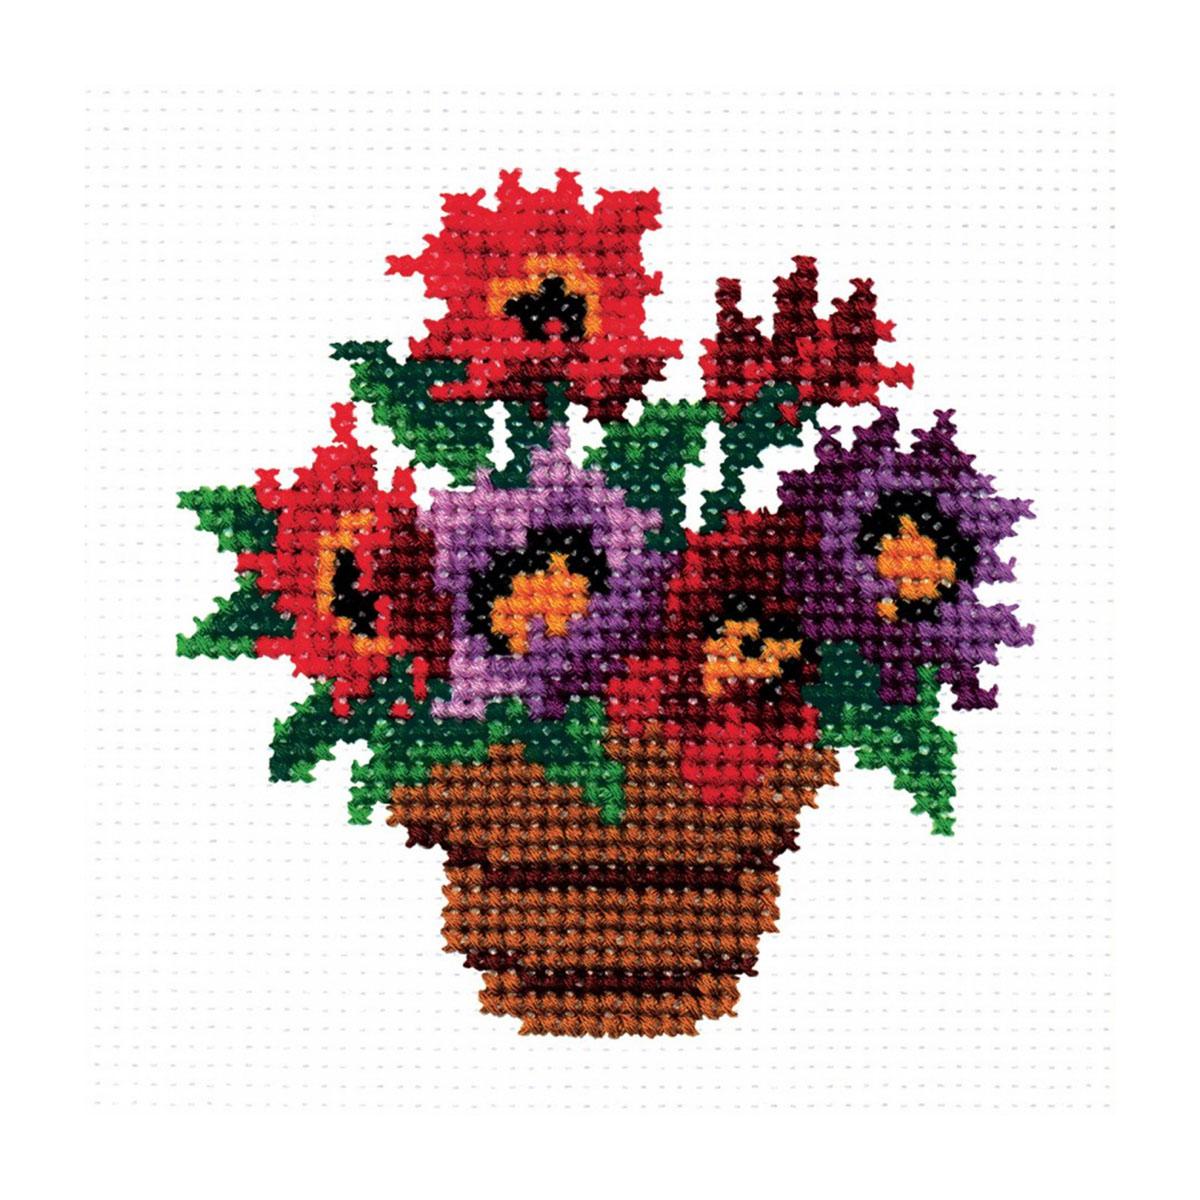 143 Набор для вышивания 'РС-Студия' 'Горшок с цветами', 10*11 см